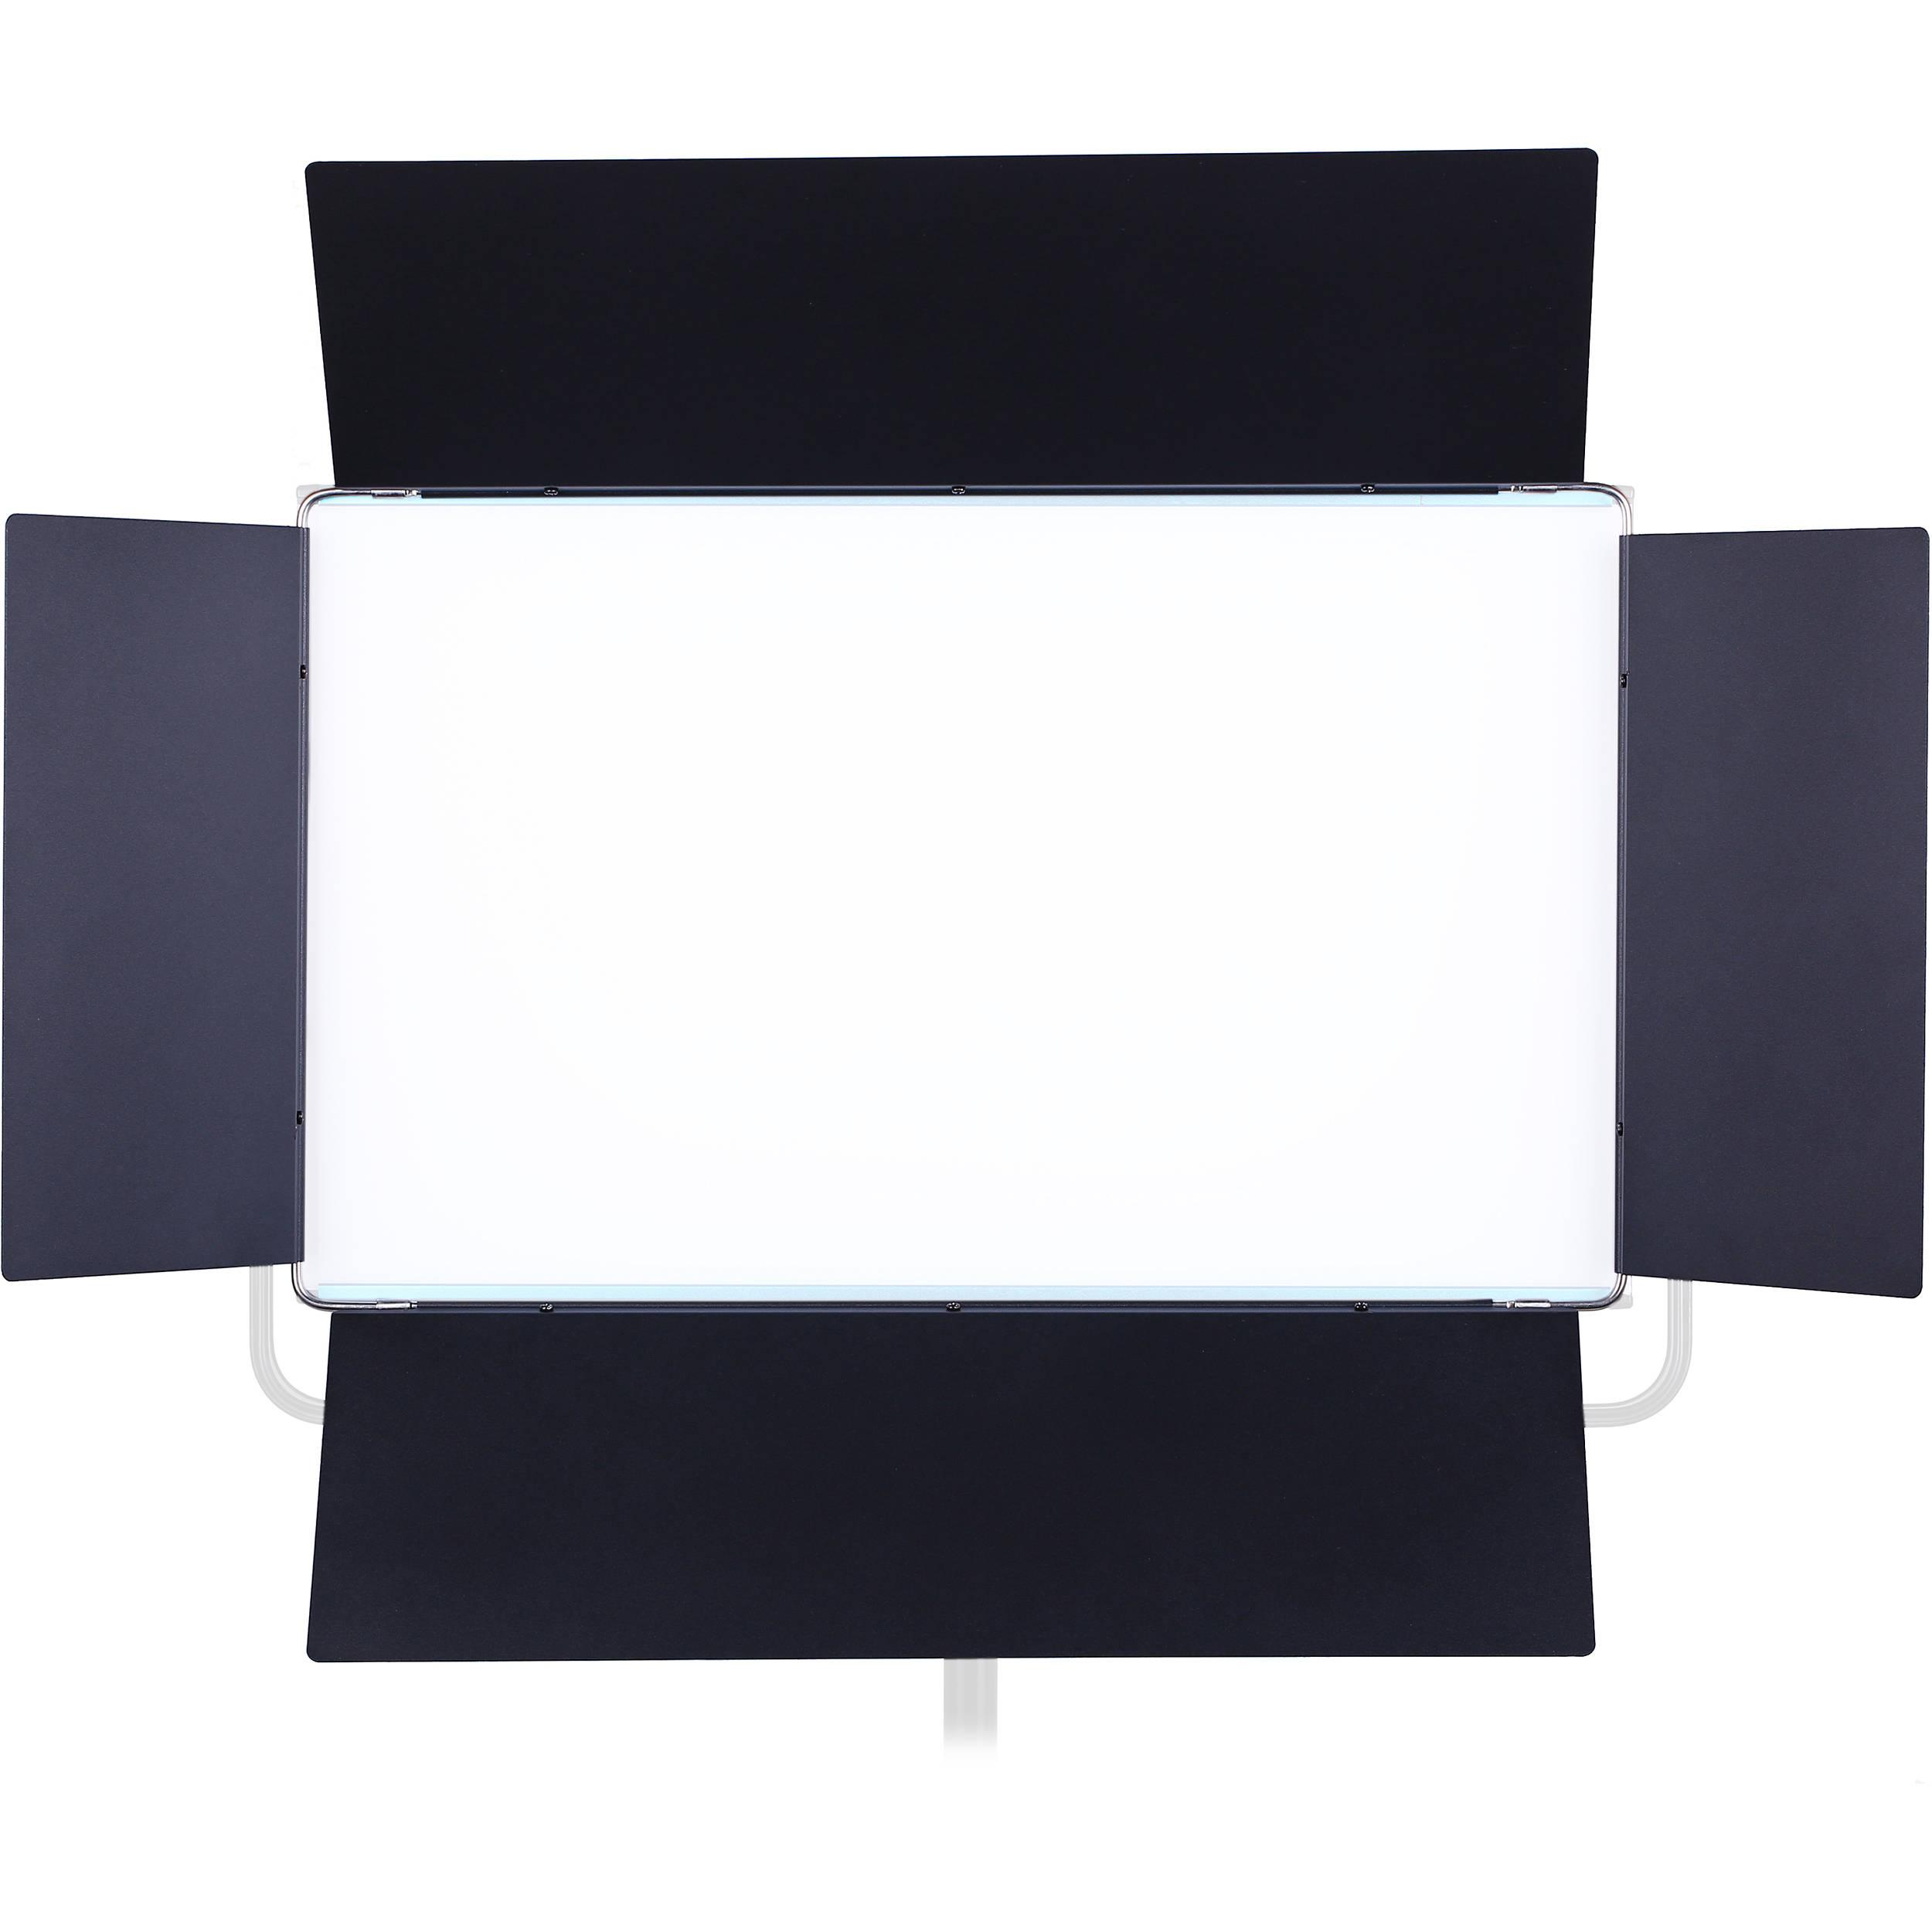 Dracast Barndoors for LED1000 Light